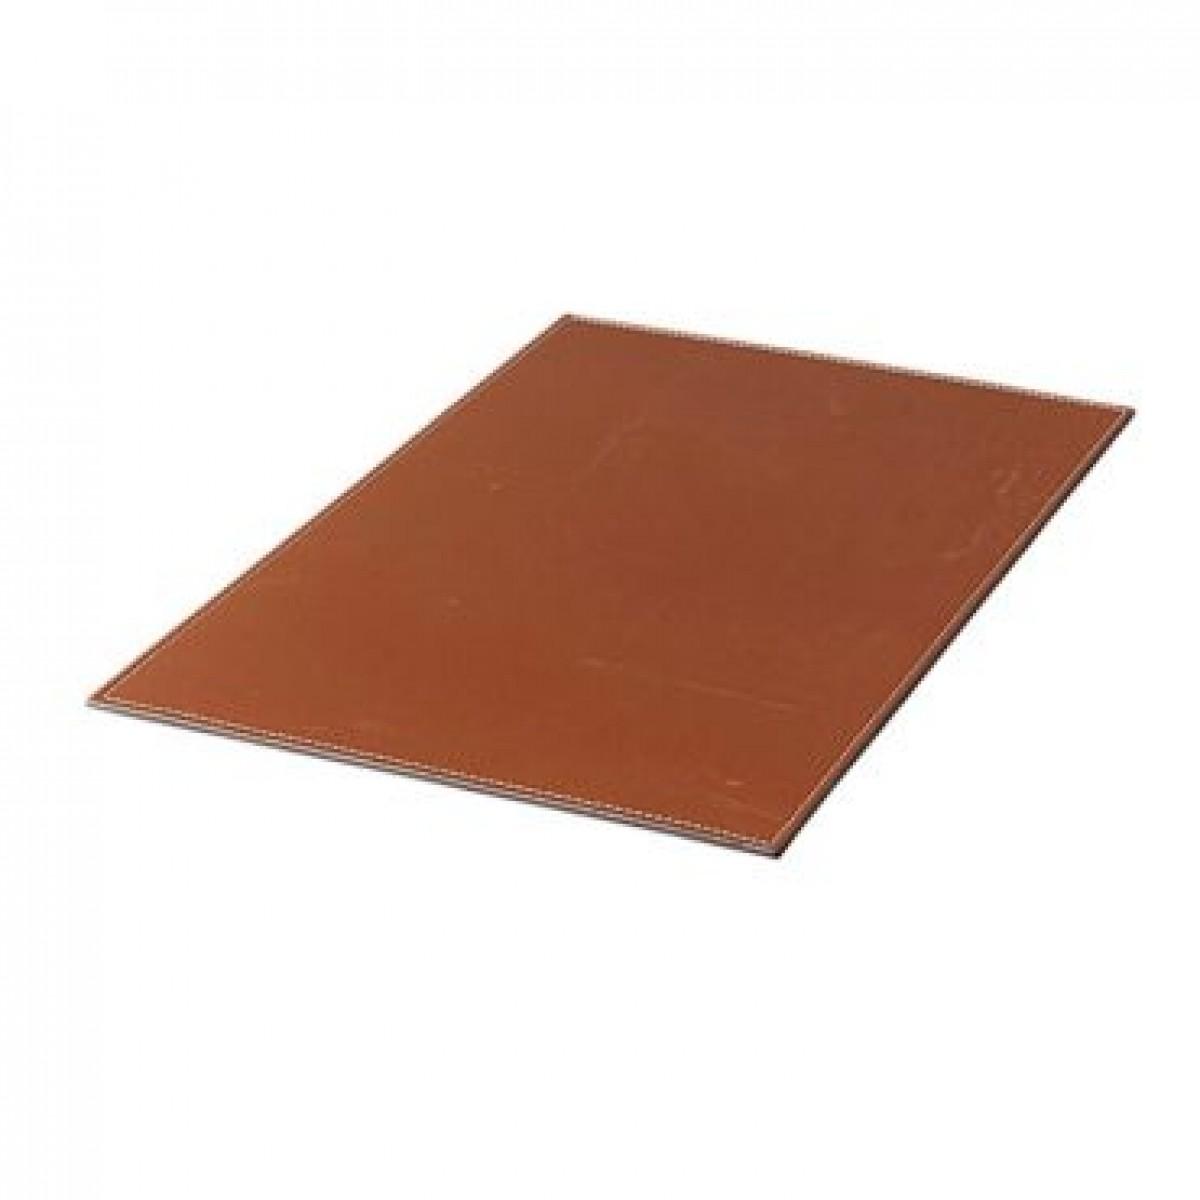 DACORE Dækkeserviet firkantet lys brun læderlook